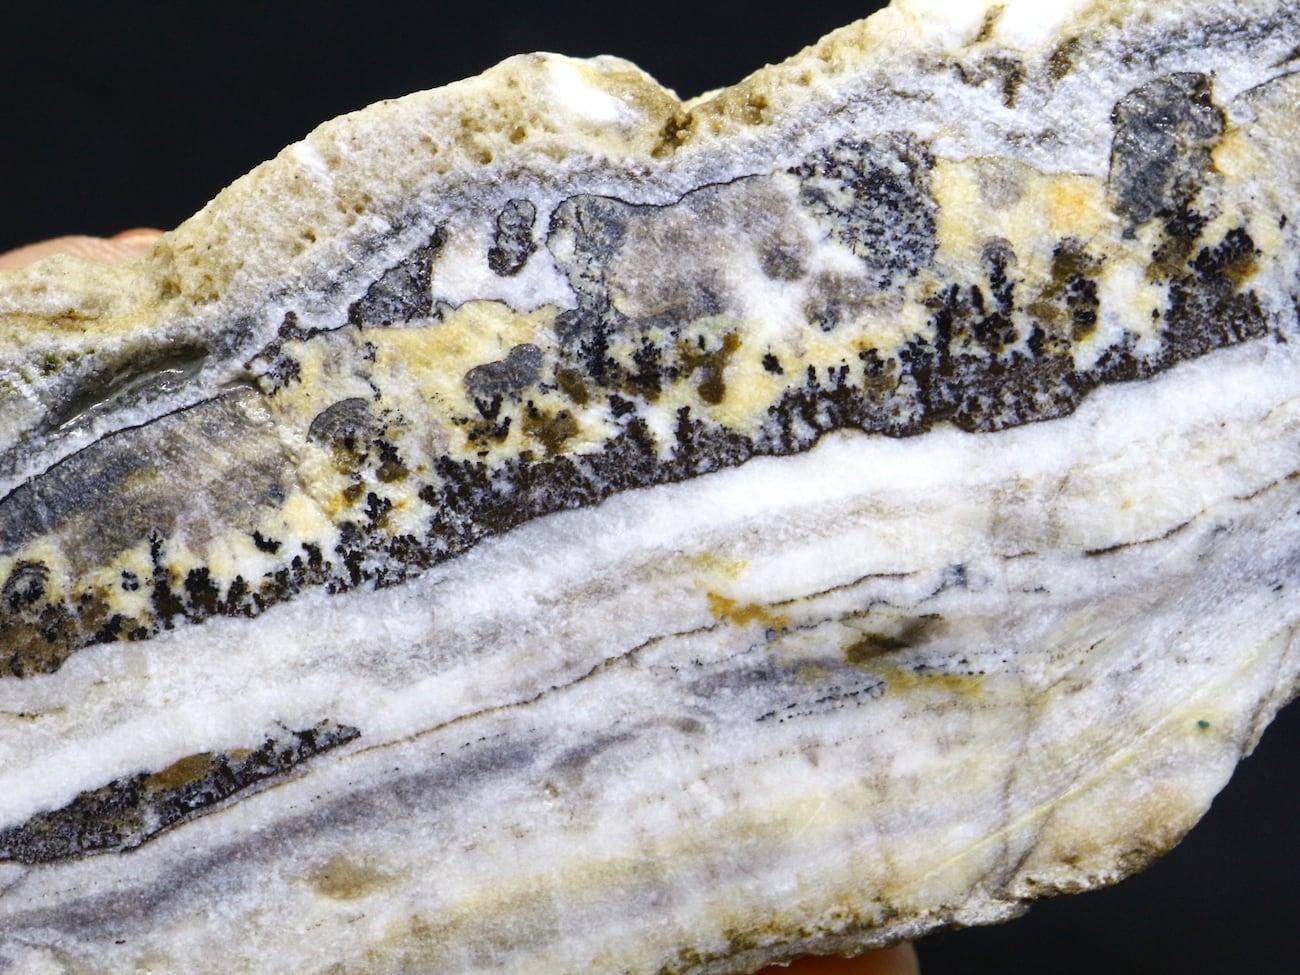 シルバーレースオニキス デンドリチック 縞瑪瑙 スライス 61,9g 原石 SLO014 鉱物 天然石 パワーストーン